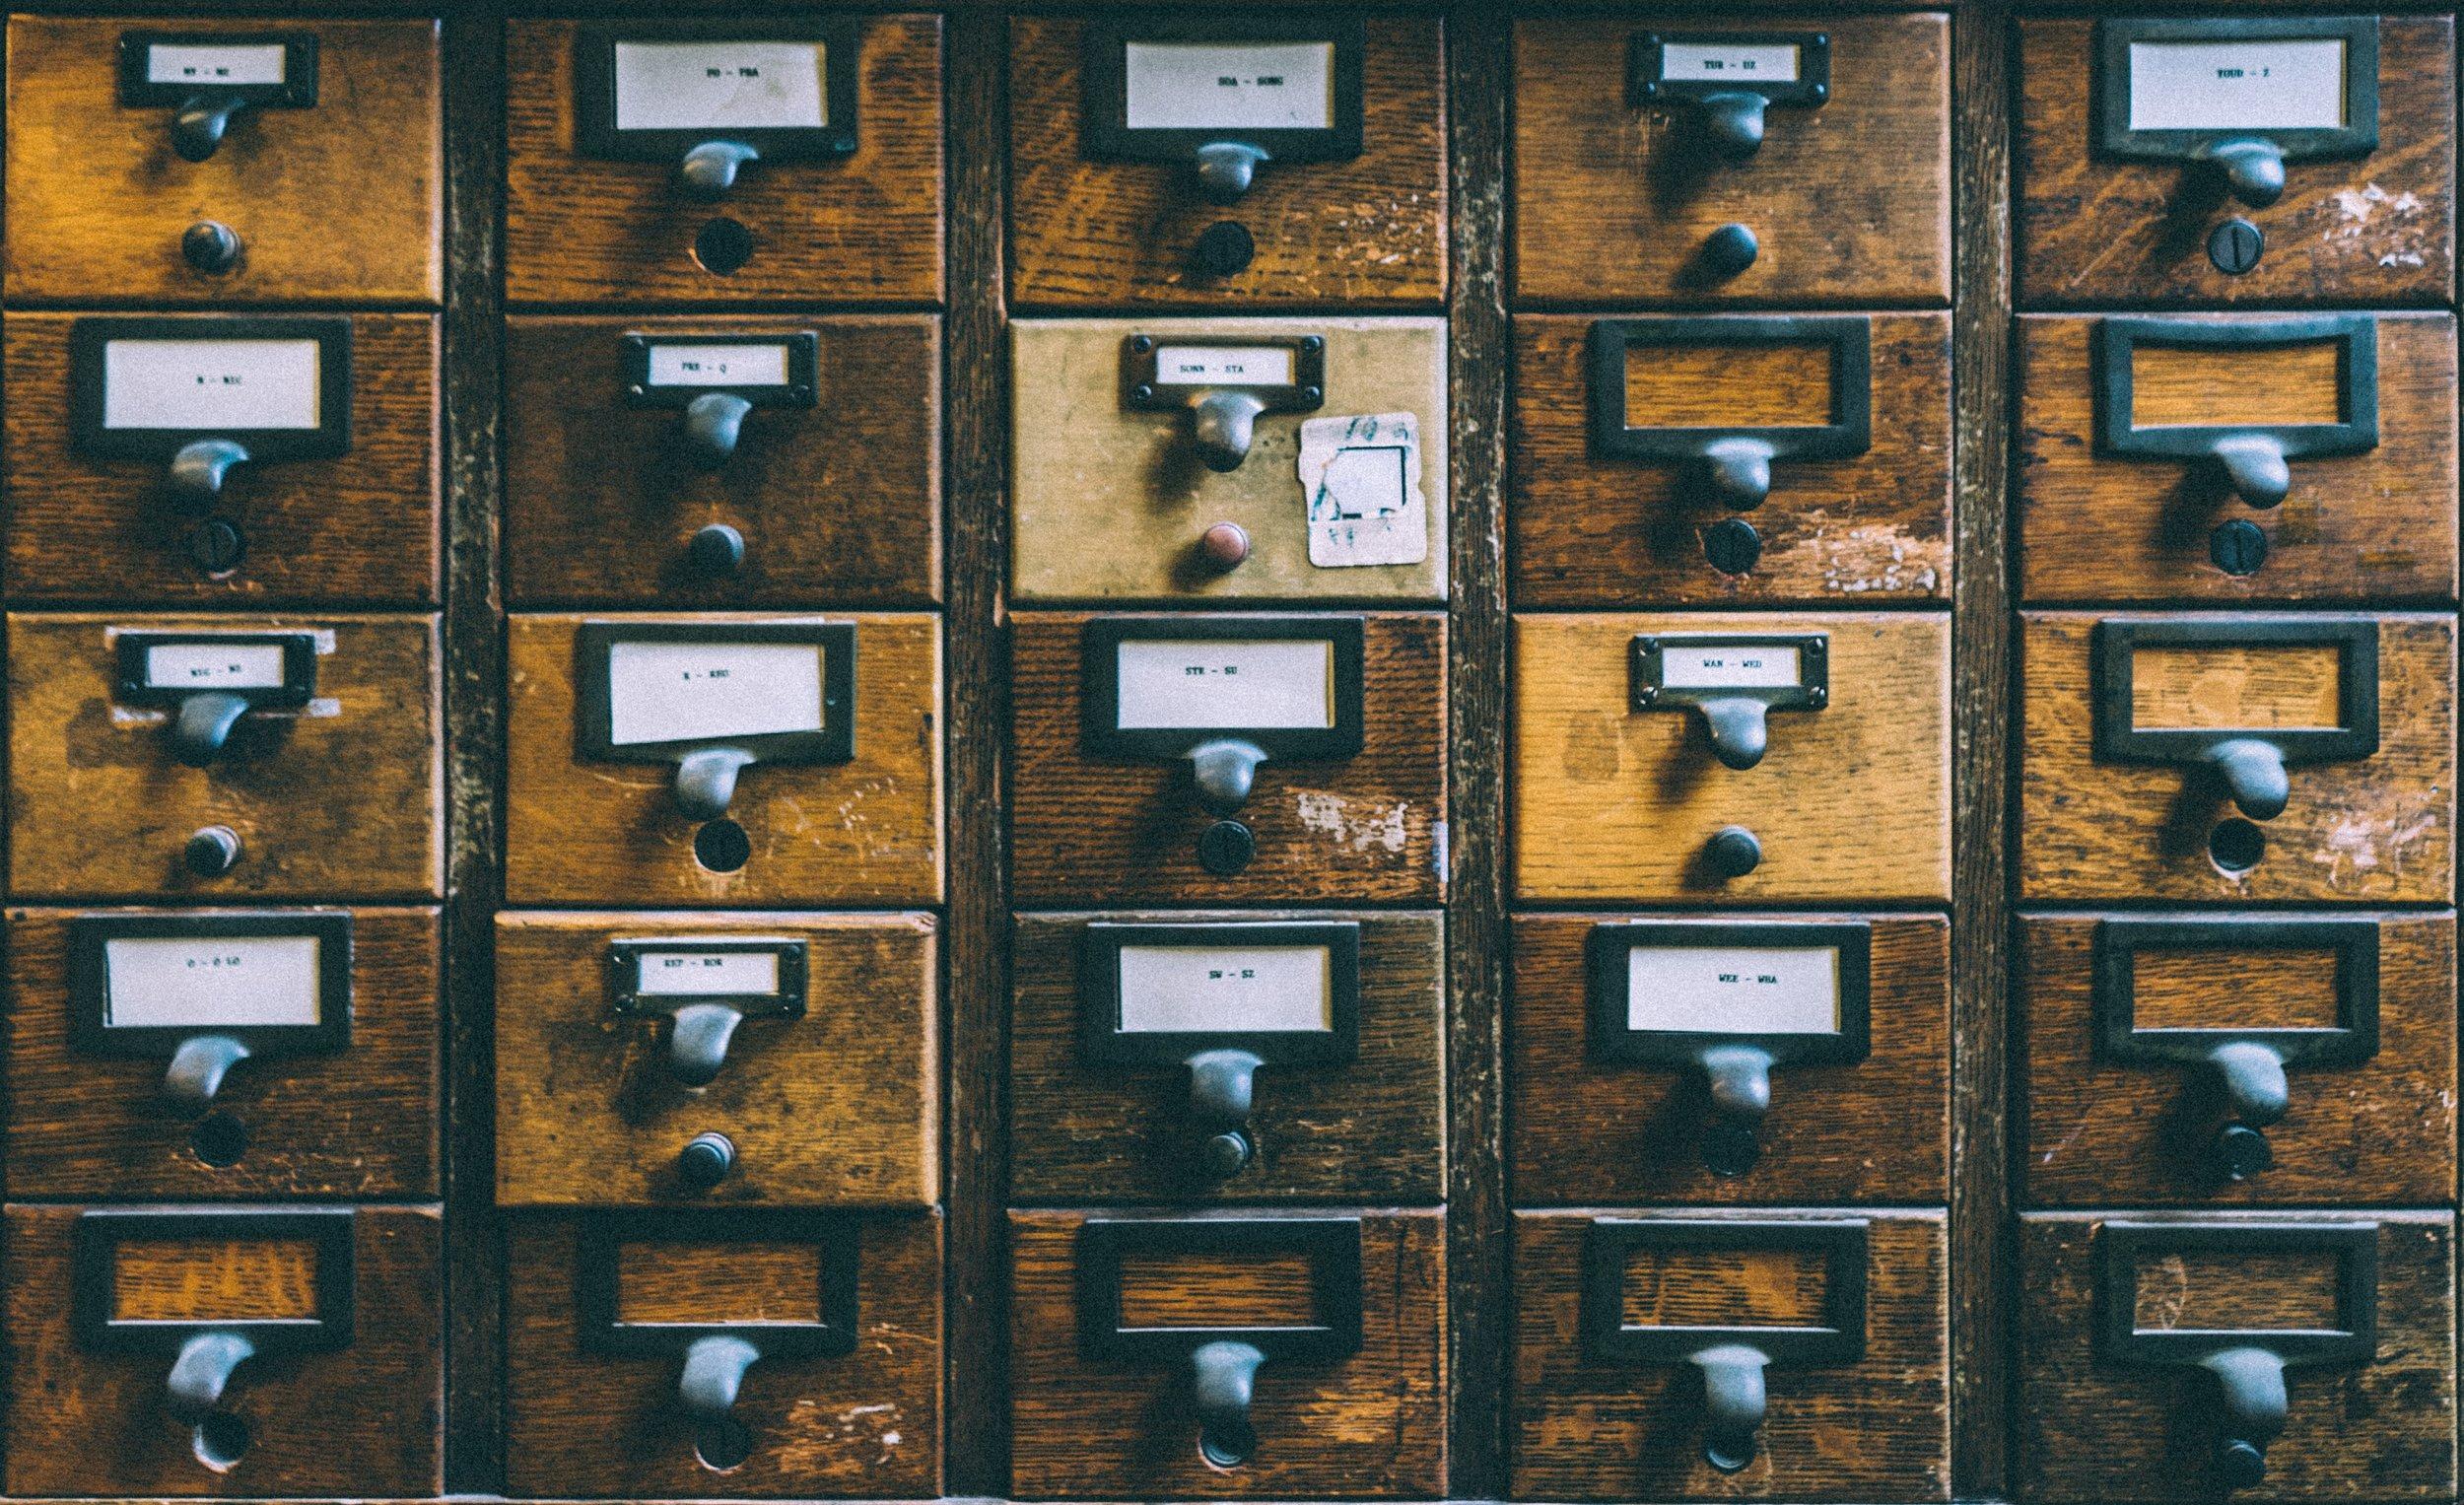 Snart behöver jag ett liknande system för att sortera alla idéer och tankar. Foto: Unsplash.